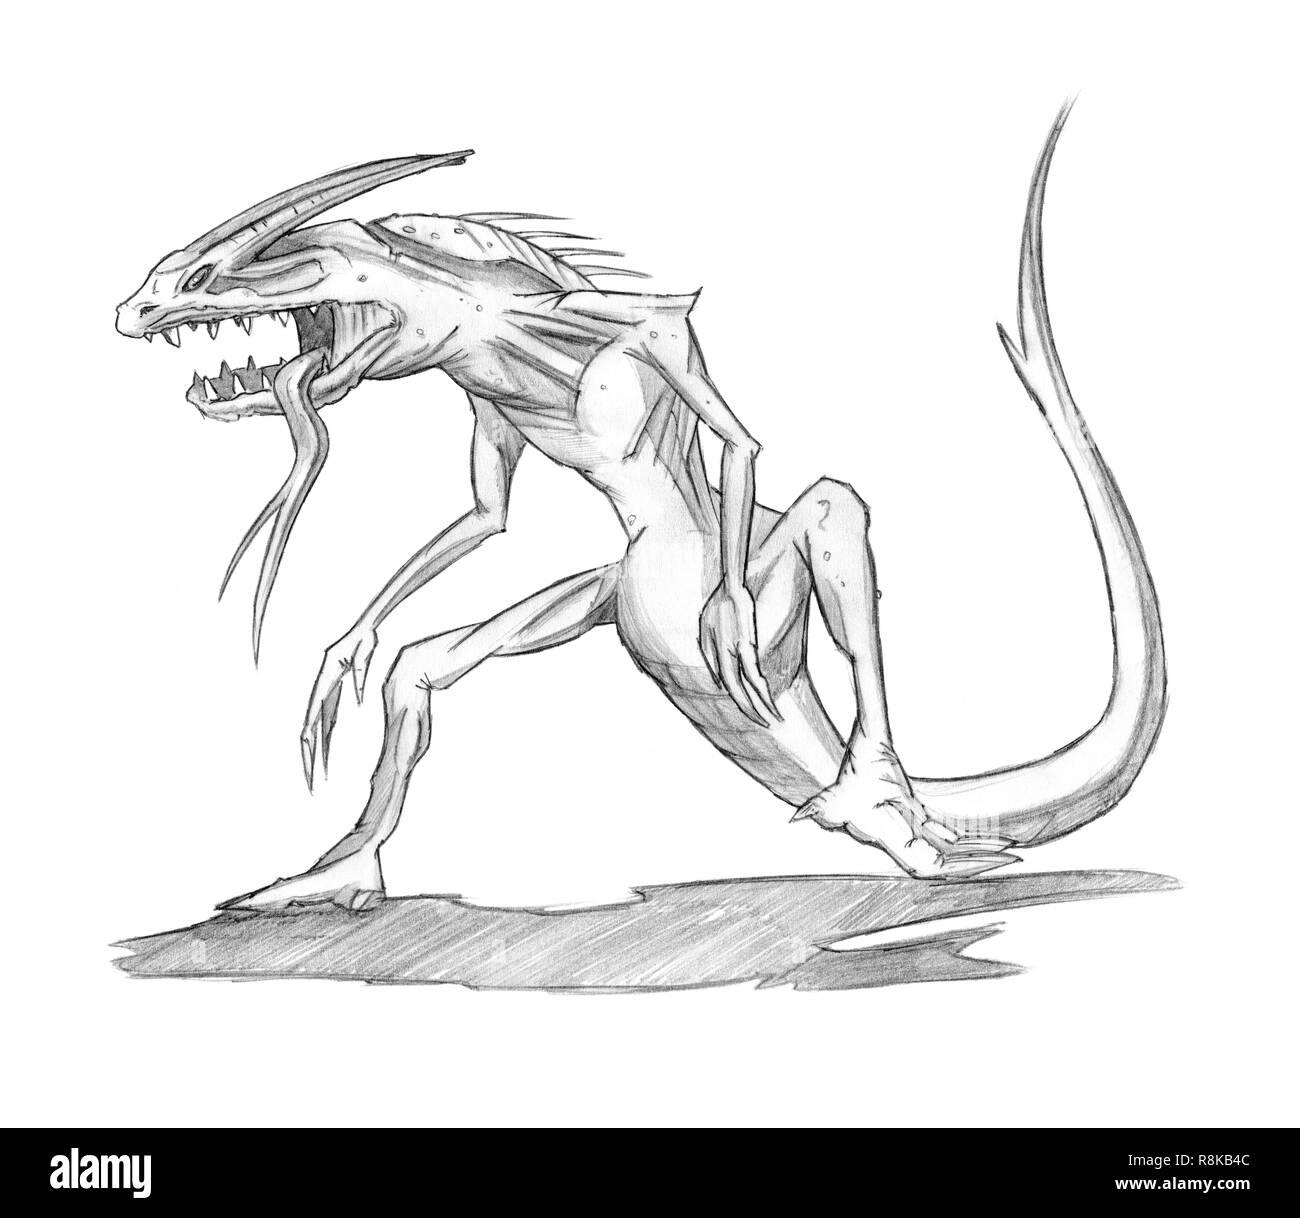 Concetto Di Matita Disegno Di Arte Di Fantasia Lizard Demon O